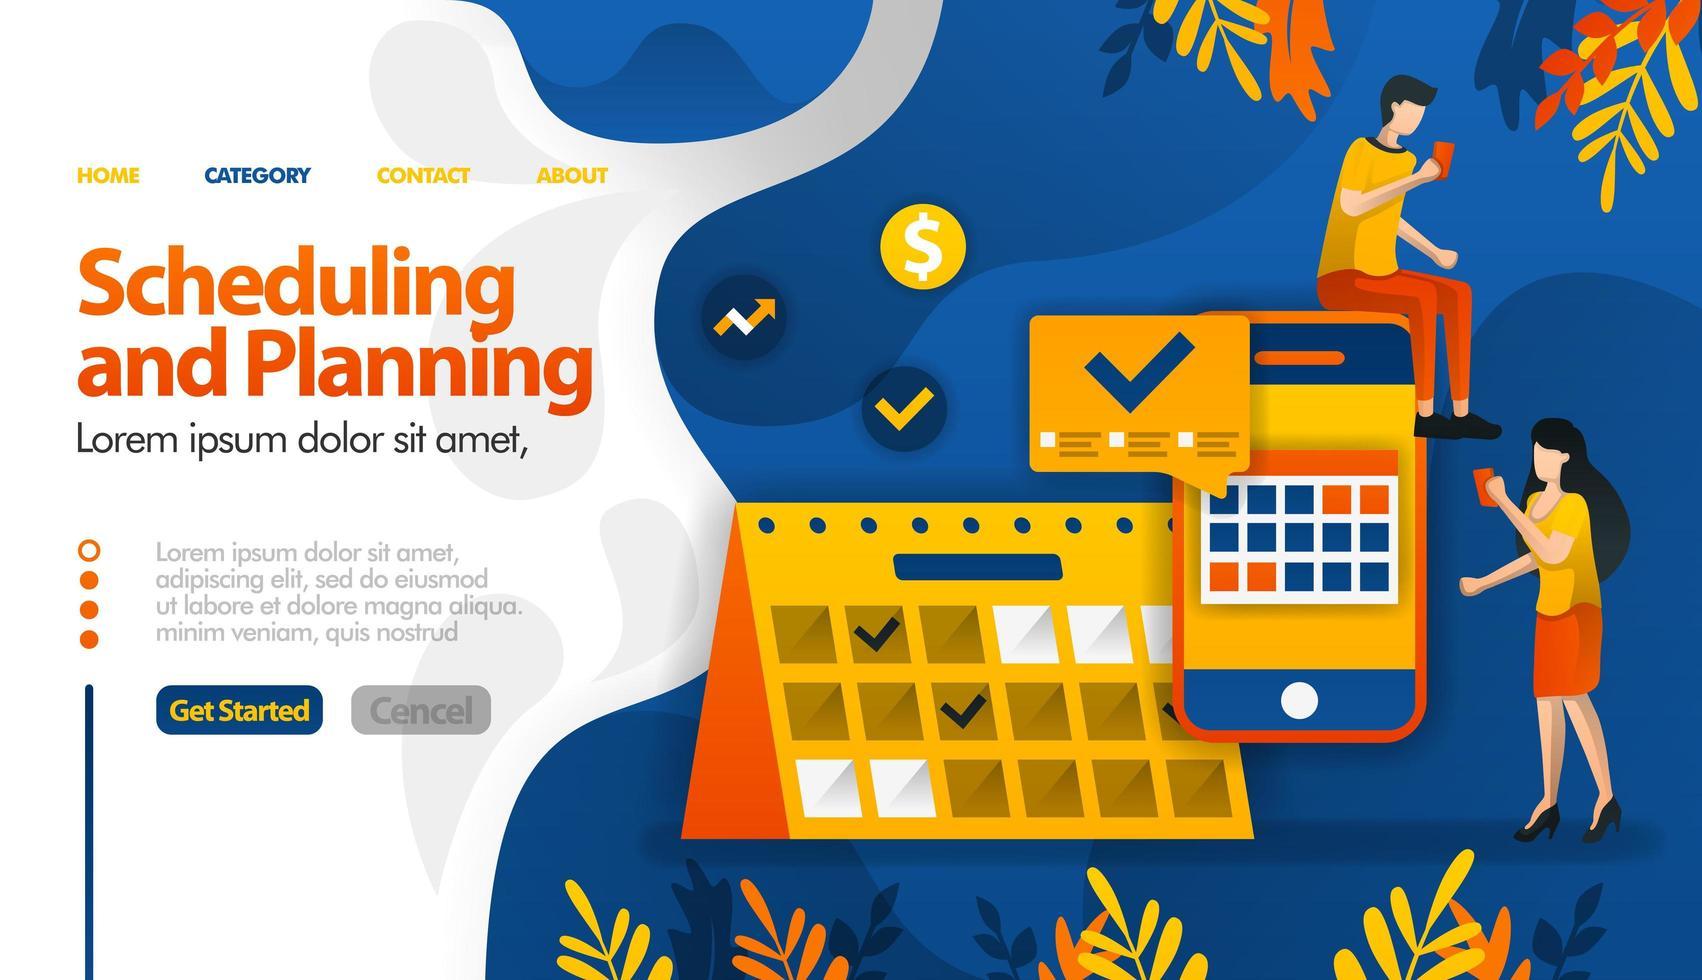 schemaläggning och planering av appar, planering av resor, bestämning av möten och aktiviteter vektorillustrationskoncept kan användas för målsida, mall, ui ux, webb, mobilapp, affisch, banner, webbplats vektor